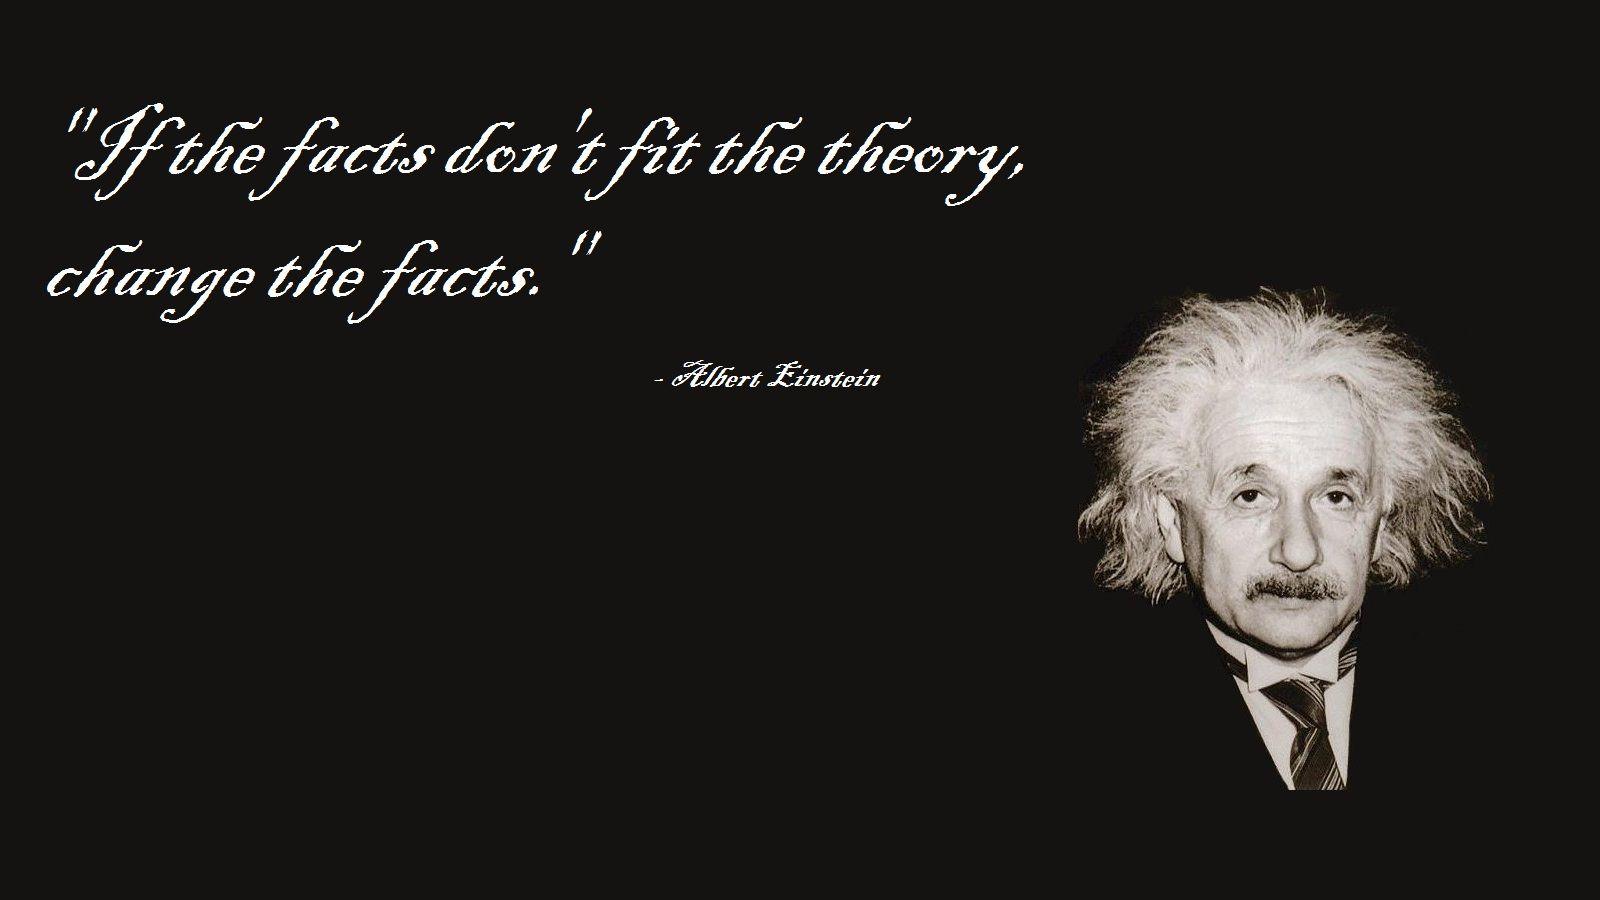 Einstein Einstein Quotes Einstein Albert Einstein Quotes